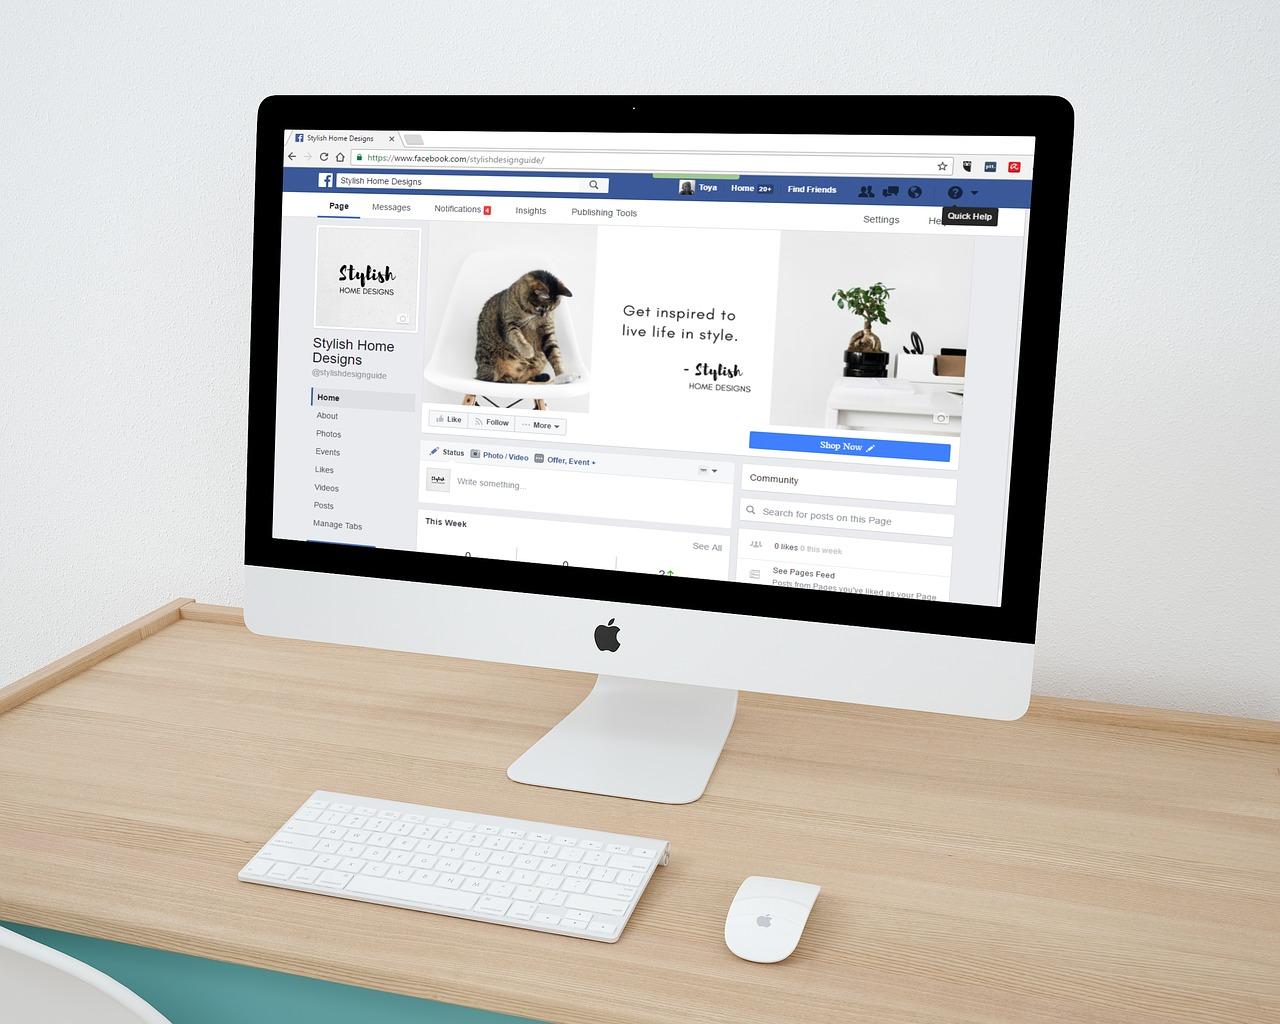 Lavorare su Facebook: 10 consigli utili per sfruttarlo al meglio